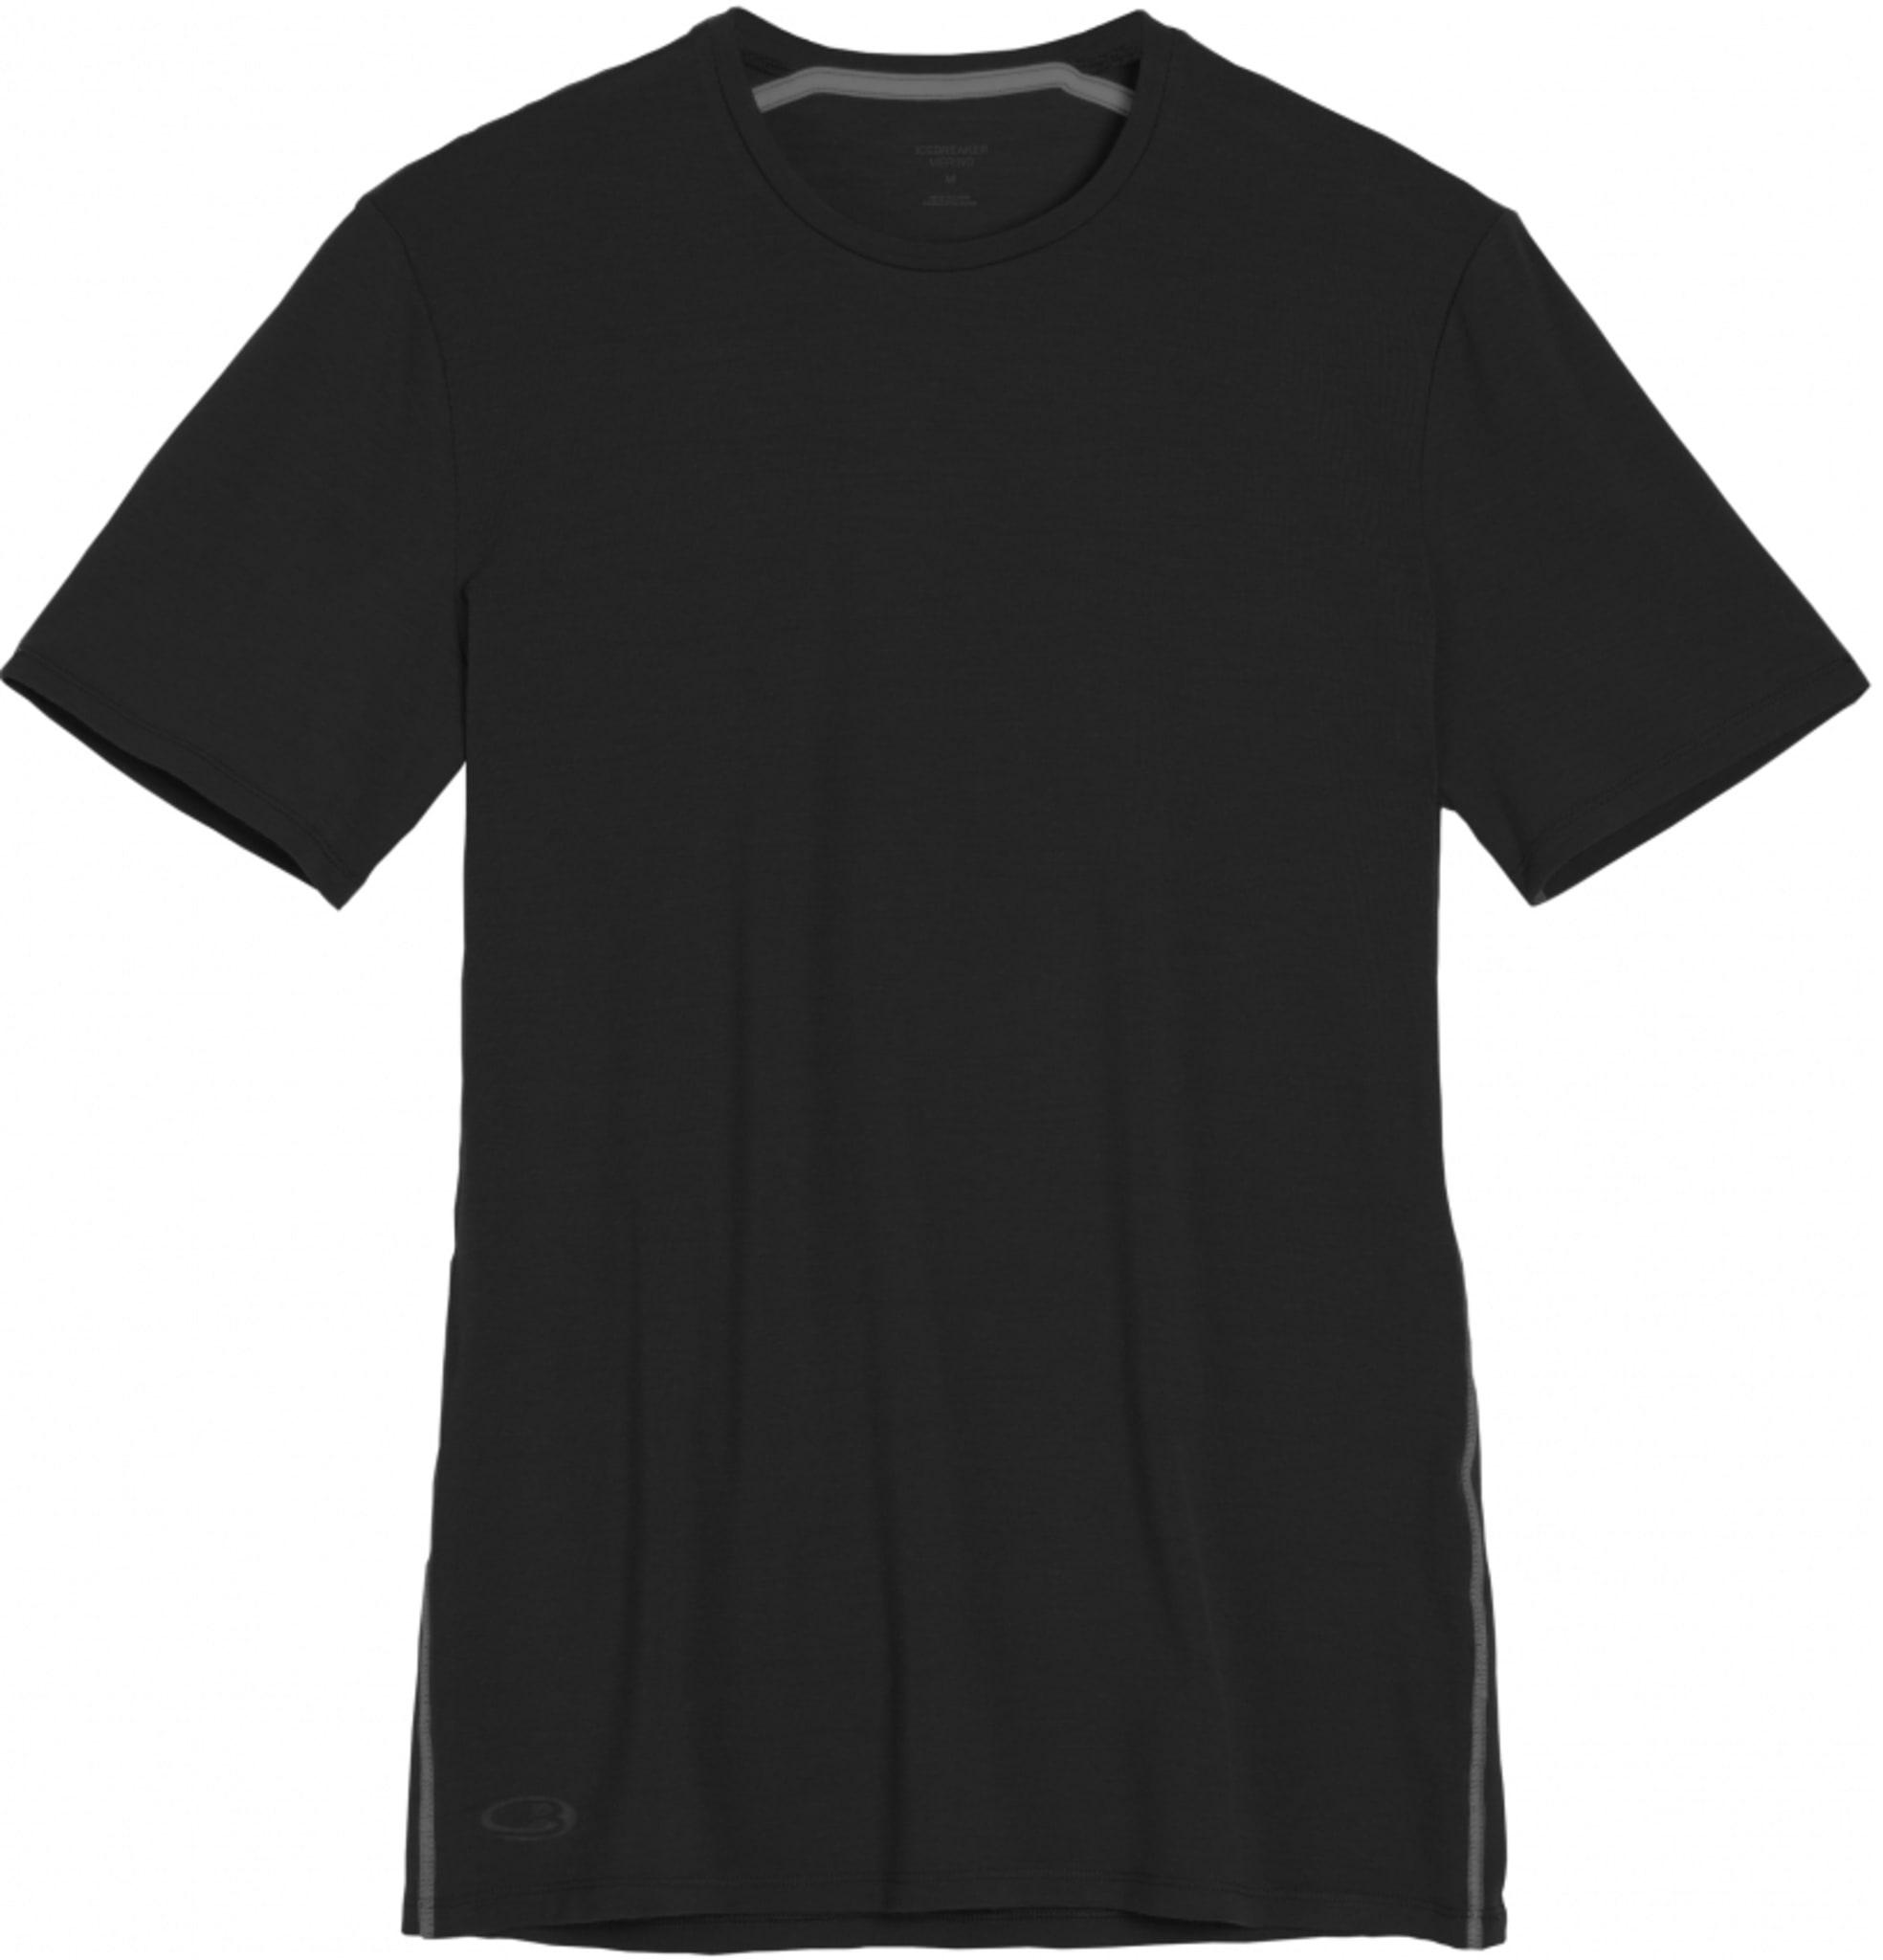 Tynn og lett t-skjorte i ull fra Icebreaker med litt tettere passform